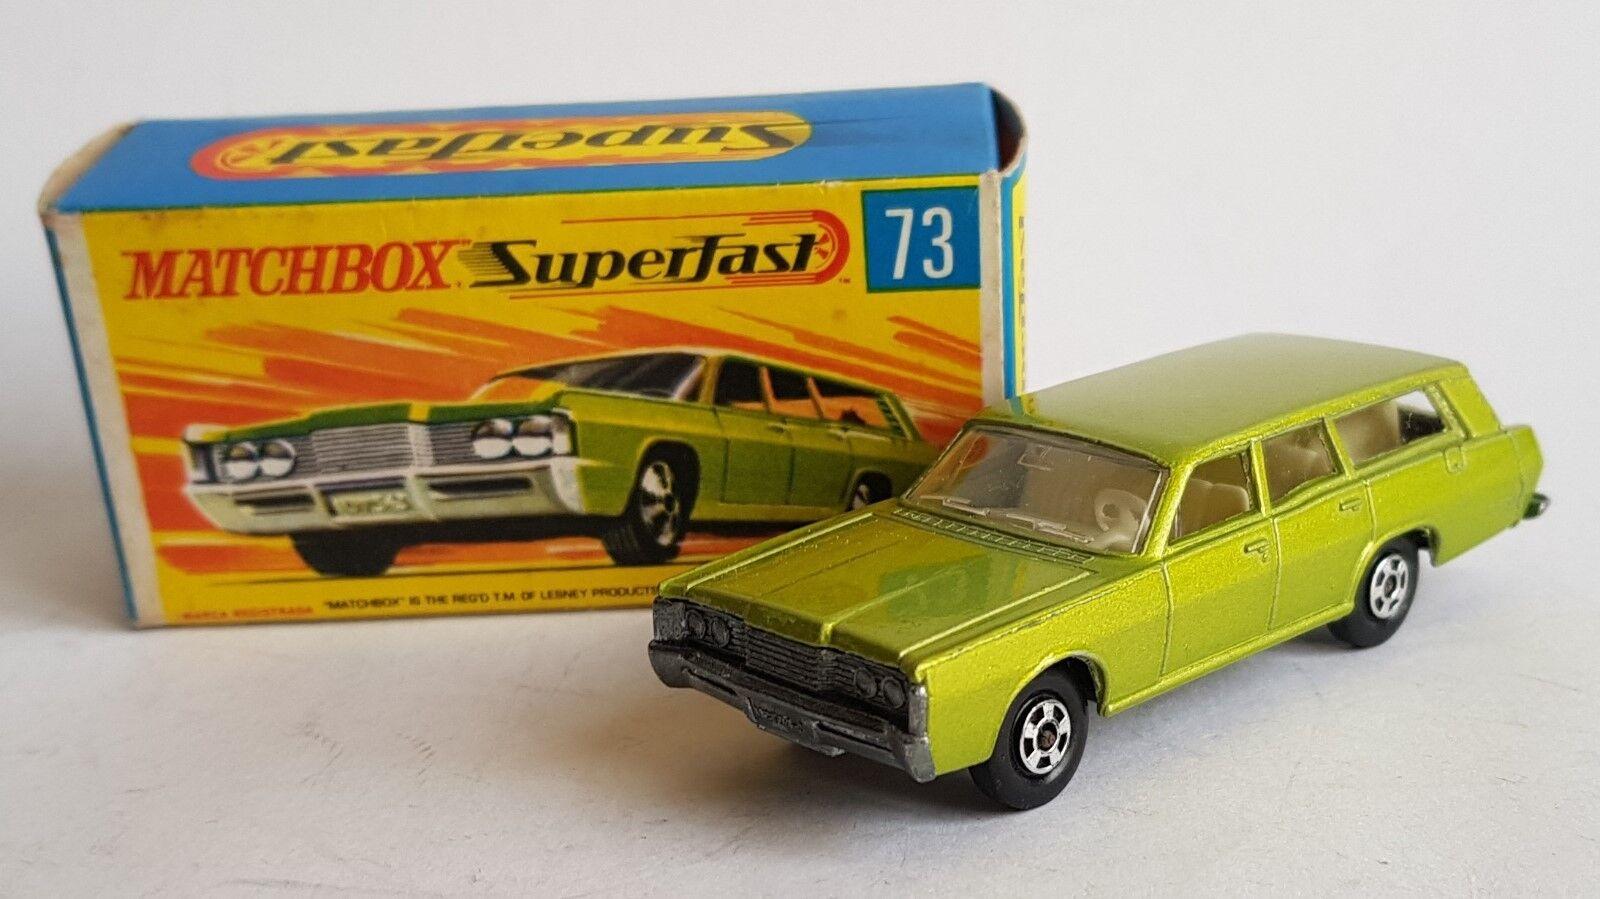 Matchbox  Superfast No. 73, Mercury Commuter, - Superb Mint.  meilleure mode